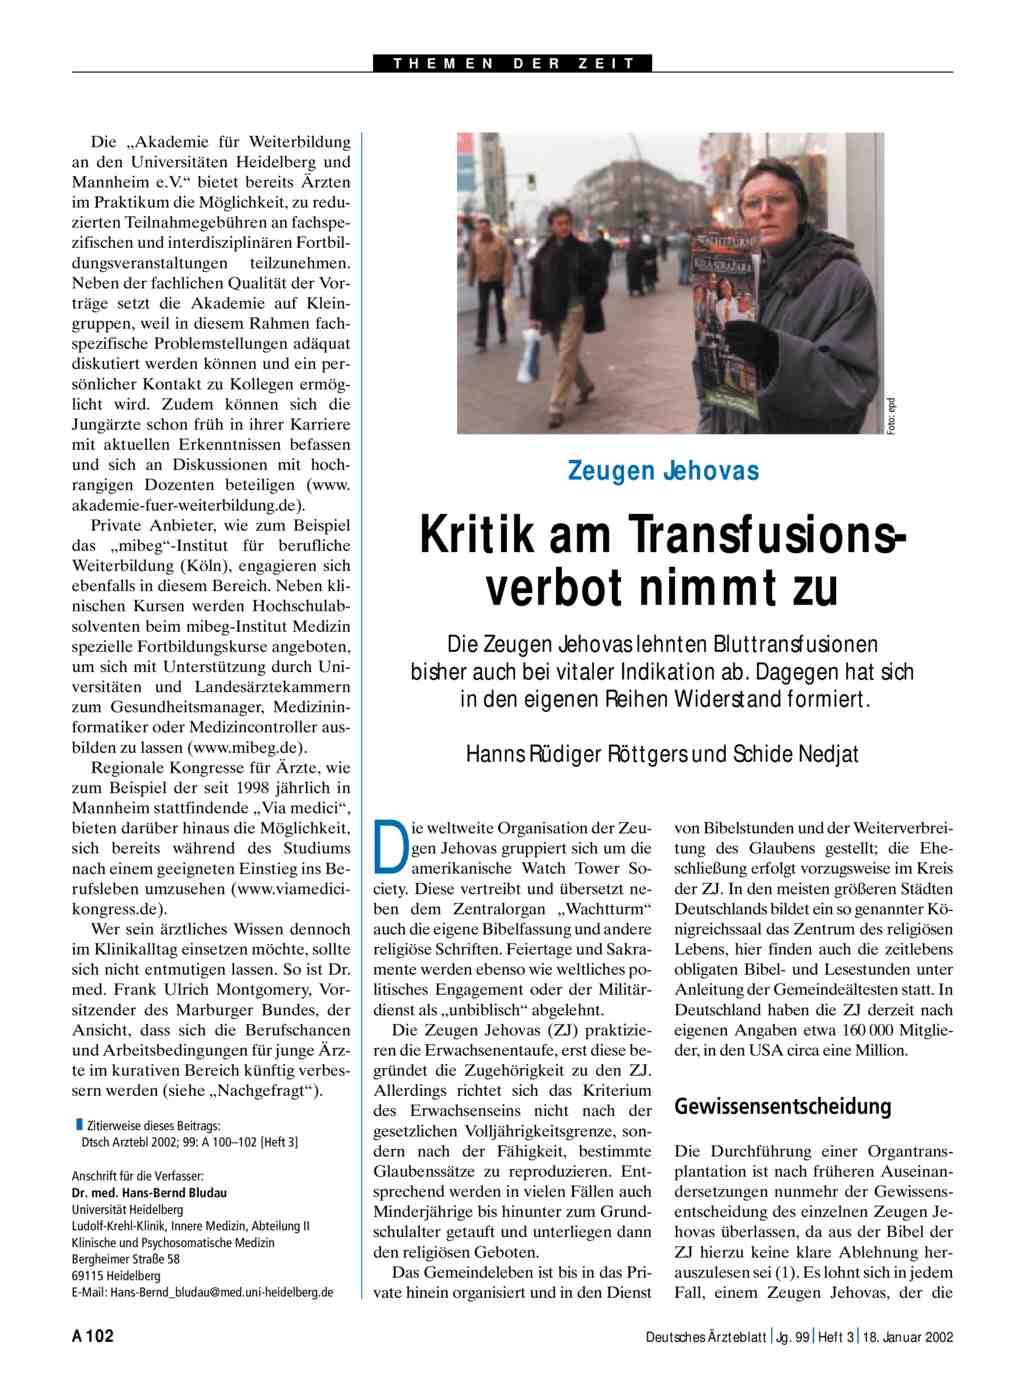 Zeugen Jehovas Kritik Am Transfusionsverbot Nimmt Zu